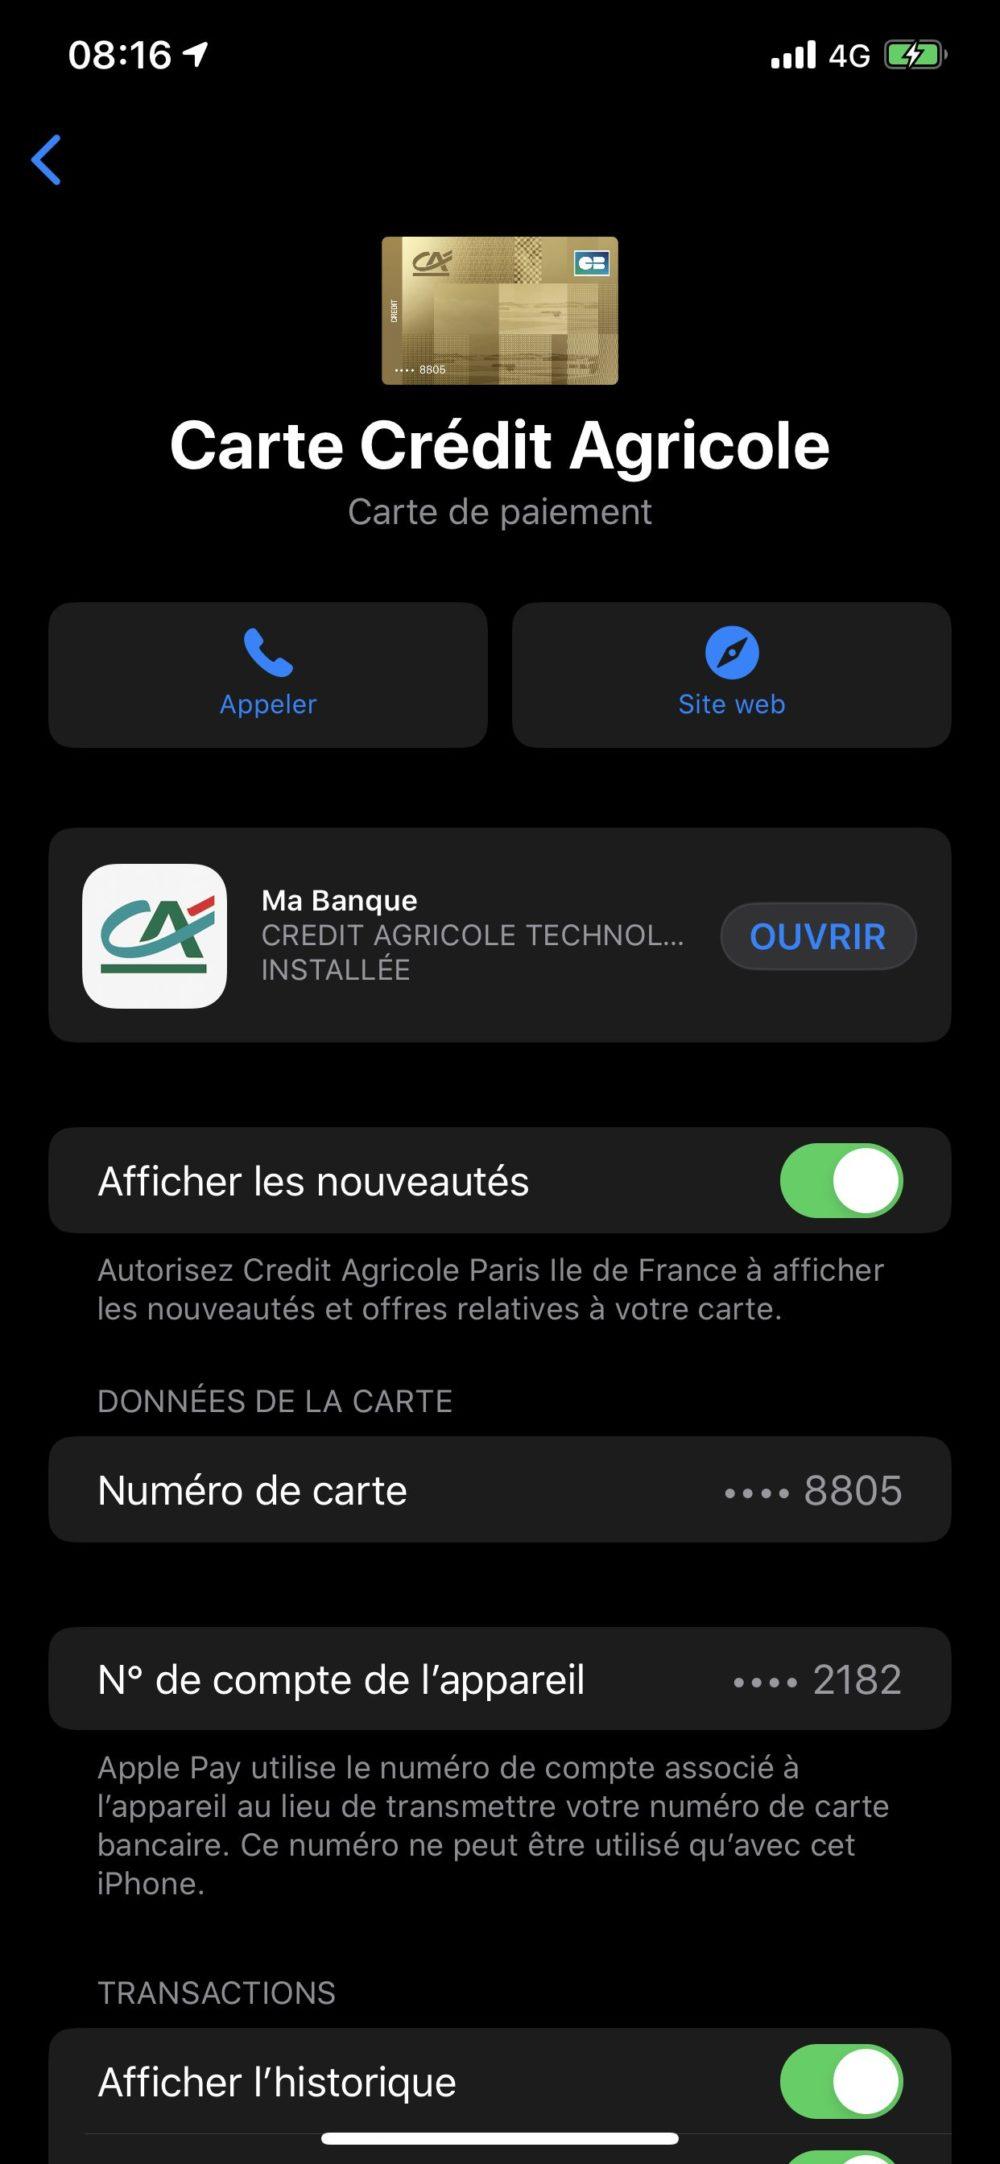 Apple Pay Credit Agricole Apple Pay : le service de paiement sans contact dApple arrive enfin au Crédit Agricole